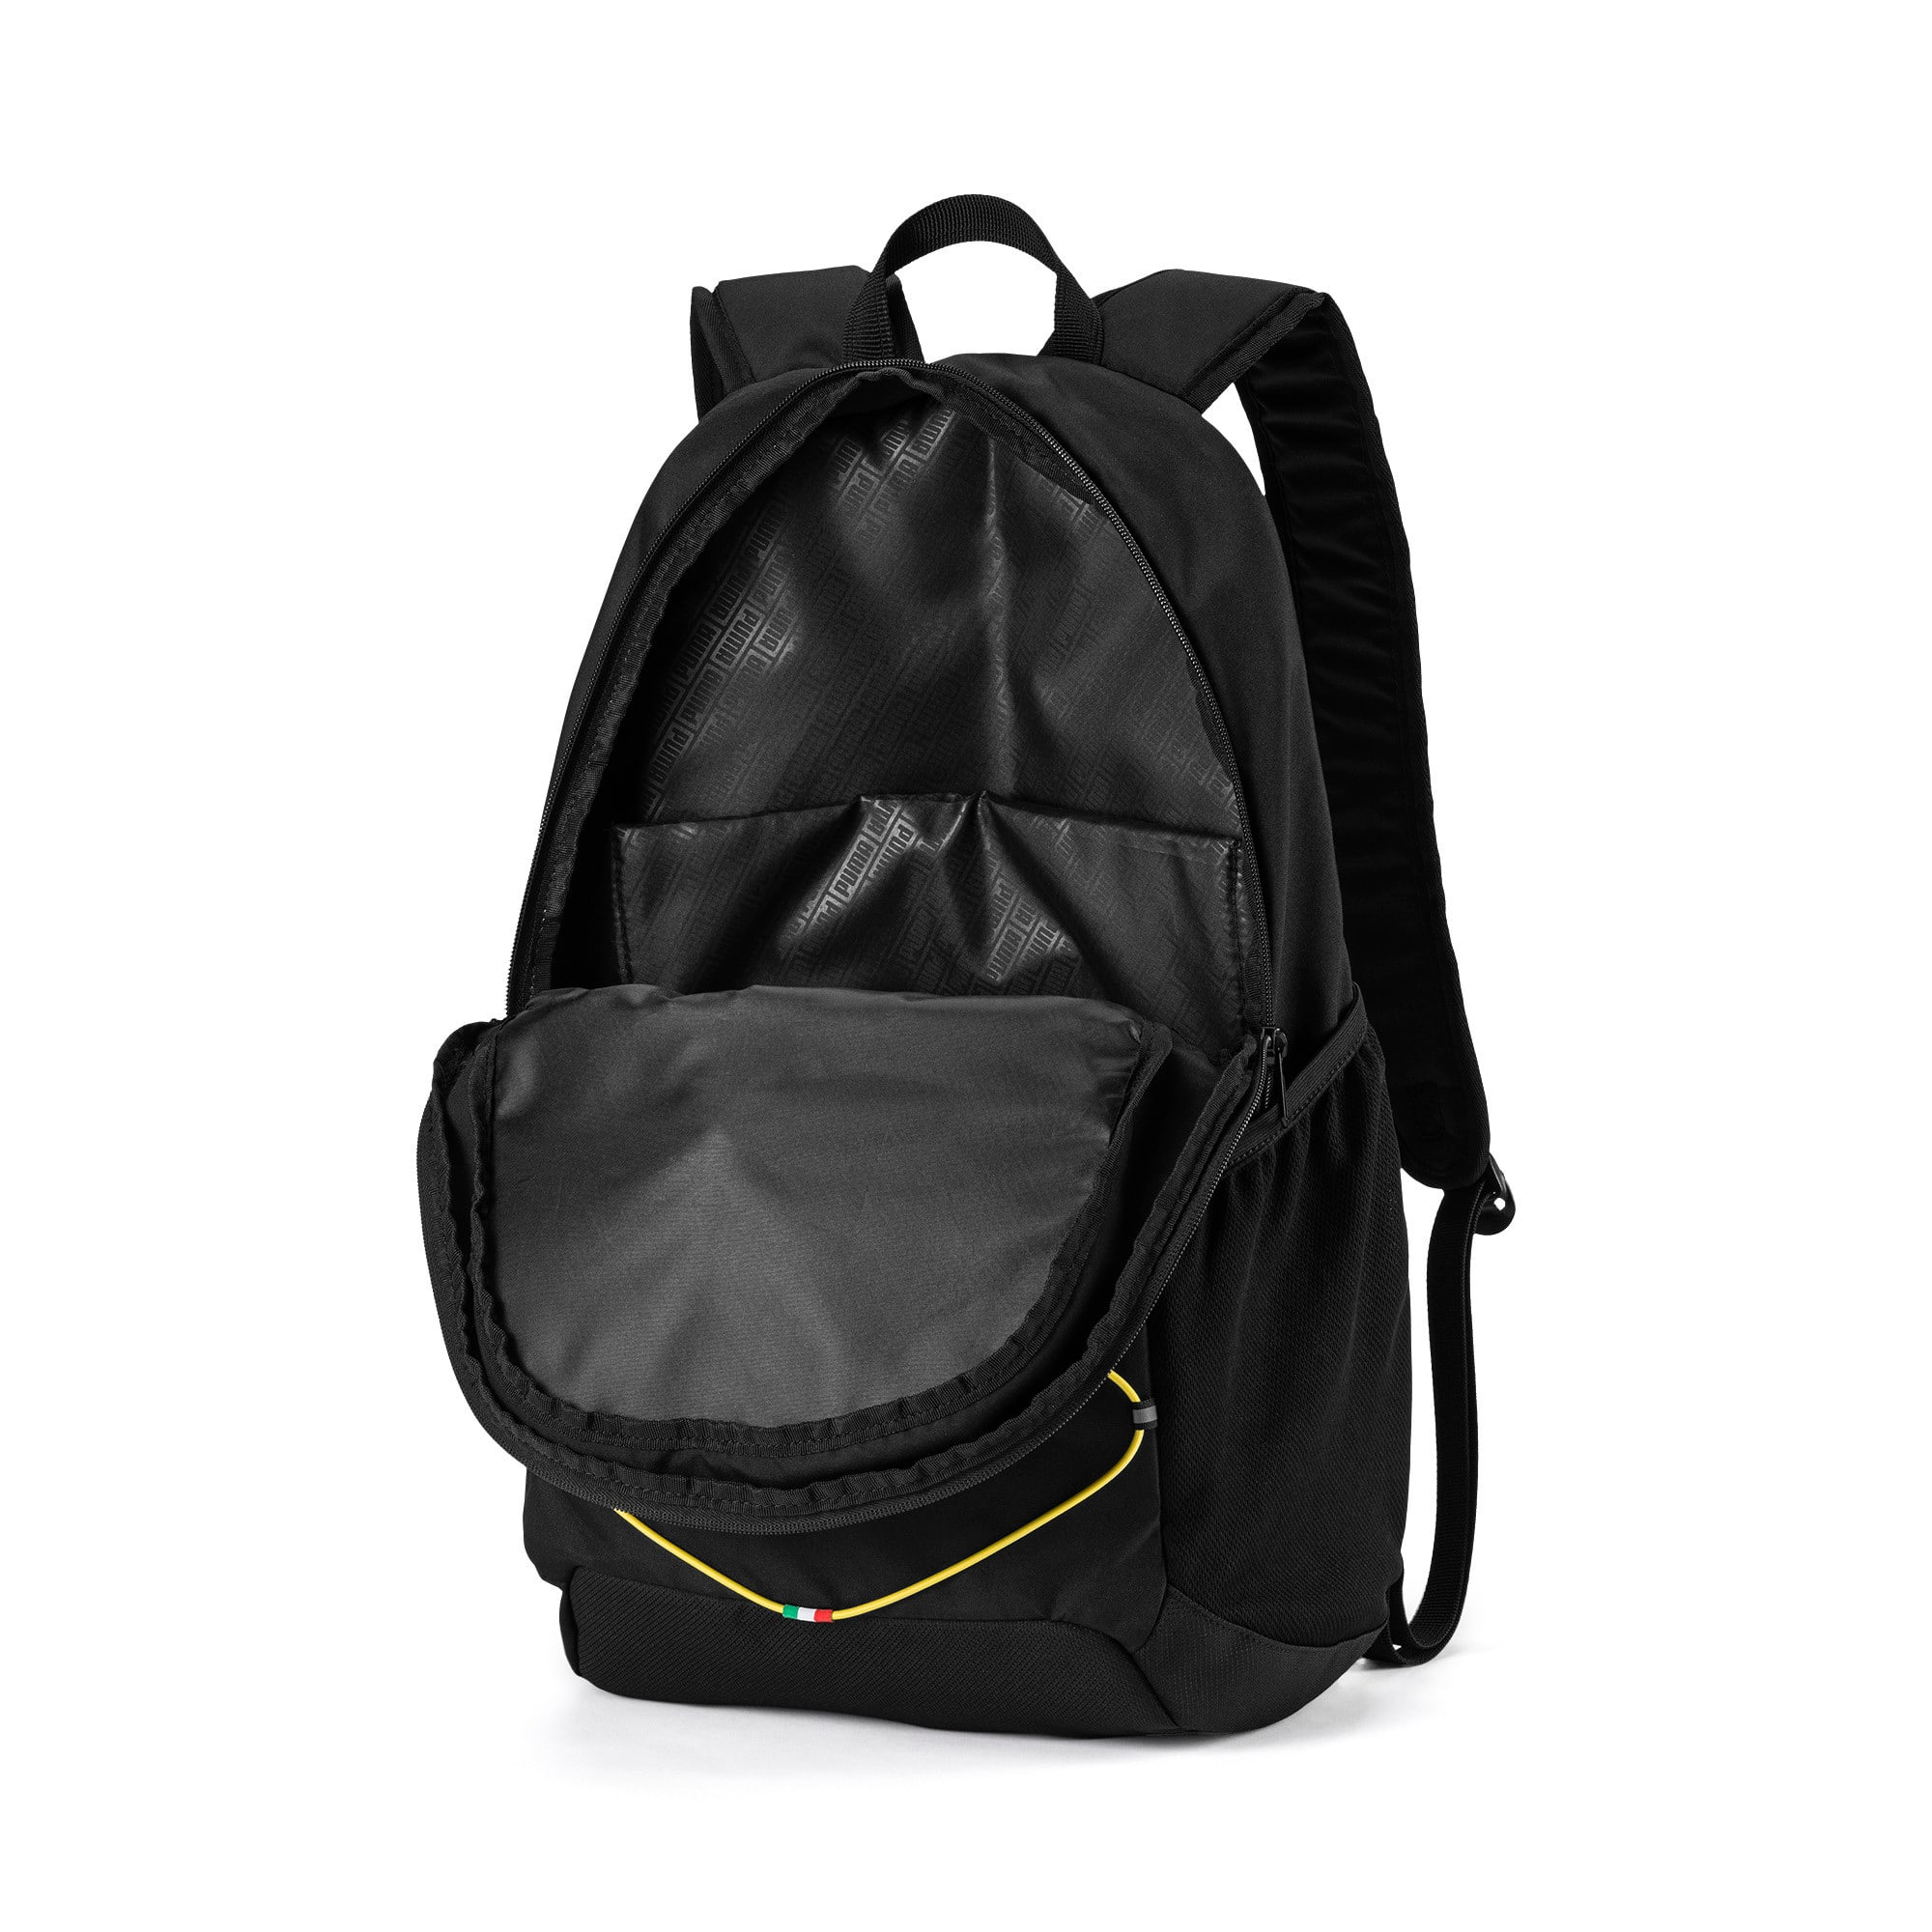 Thumbnail 3 of Ferrari Fanwear Backpack, Puma Black, medium